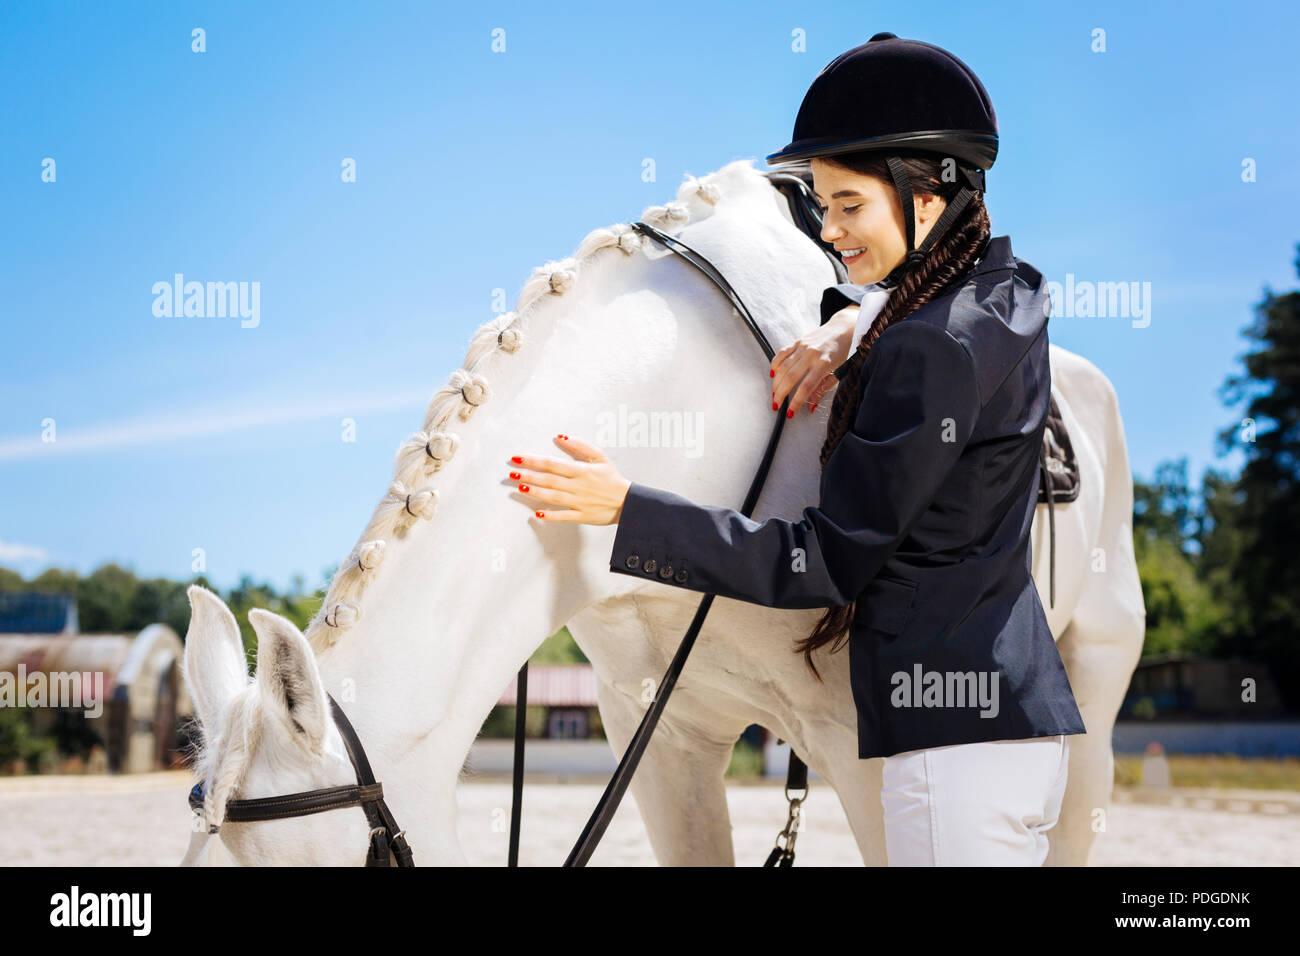 Attraktive weibliche Reiter tragen weiße Hosen und dunklen Jacke Stockbild